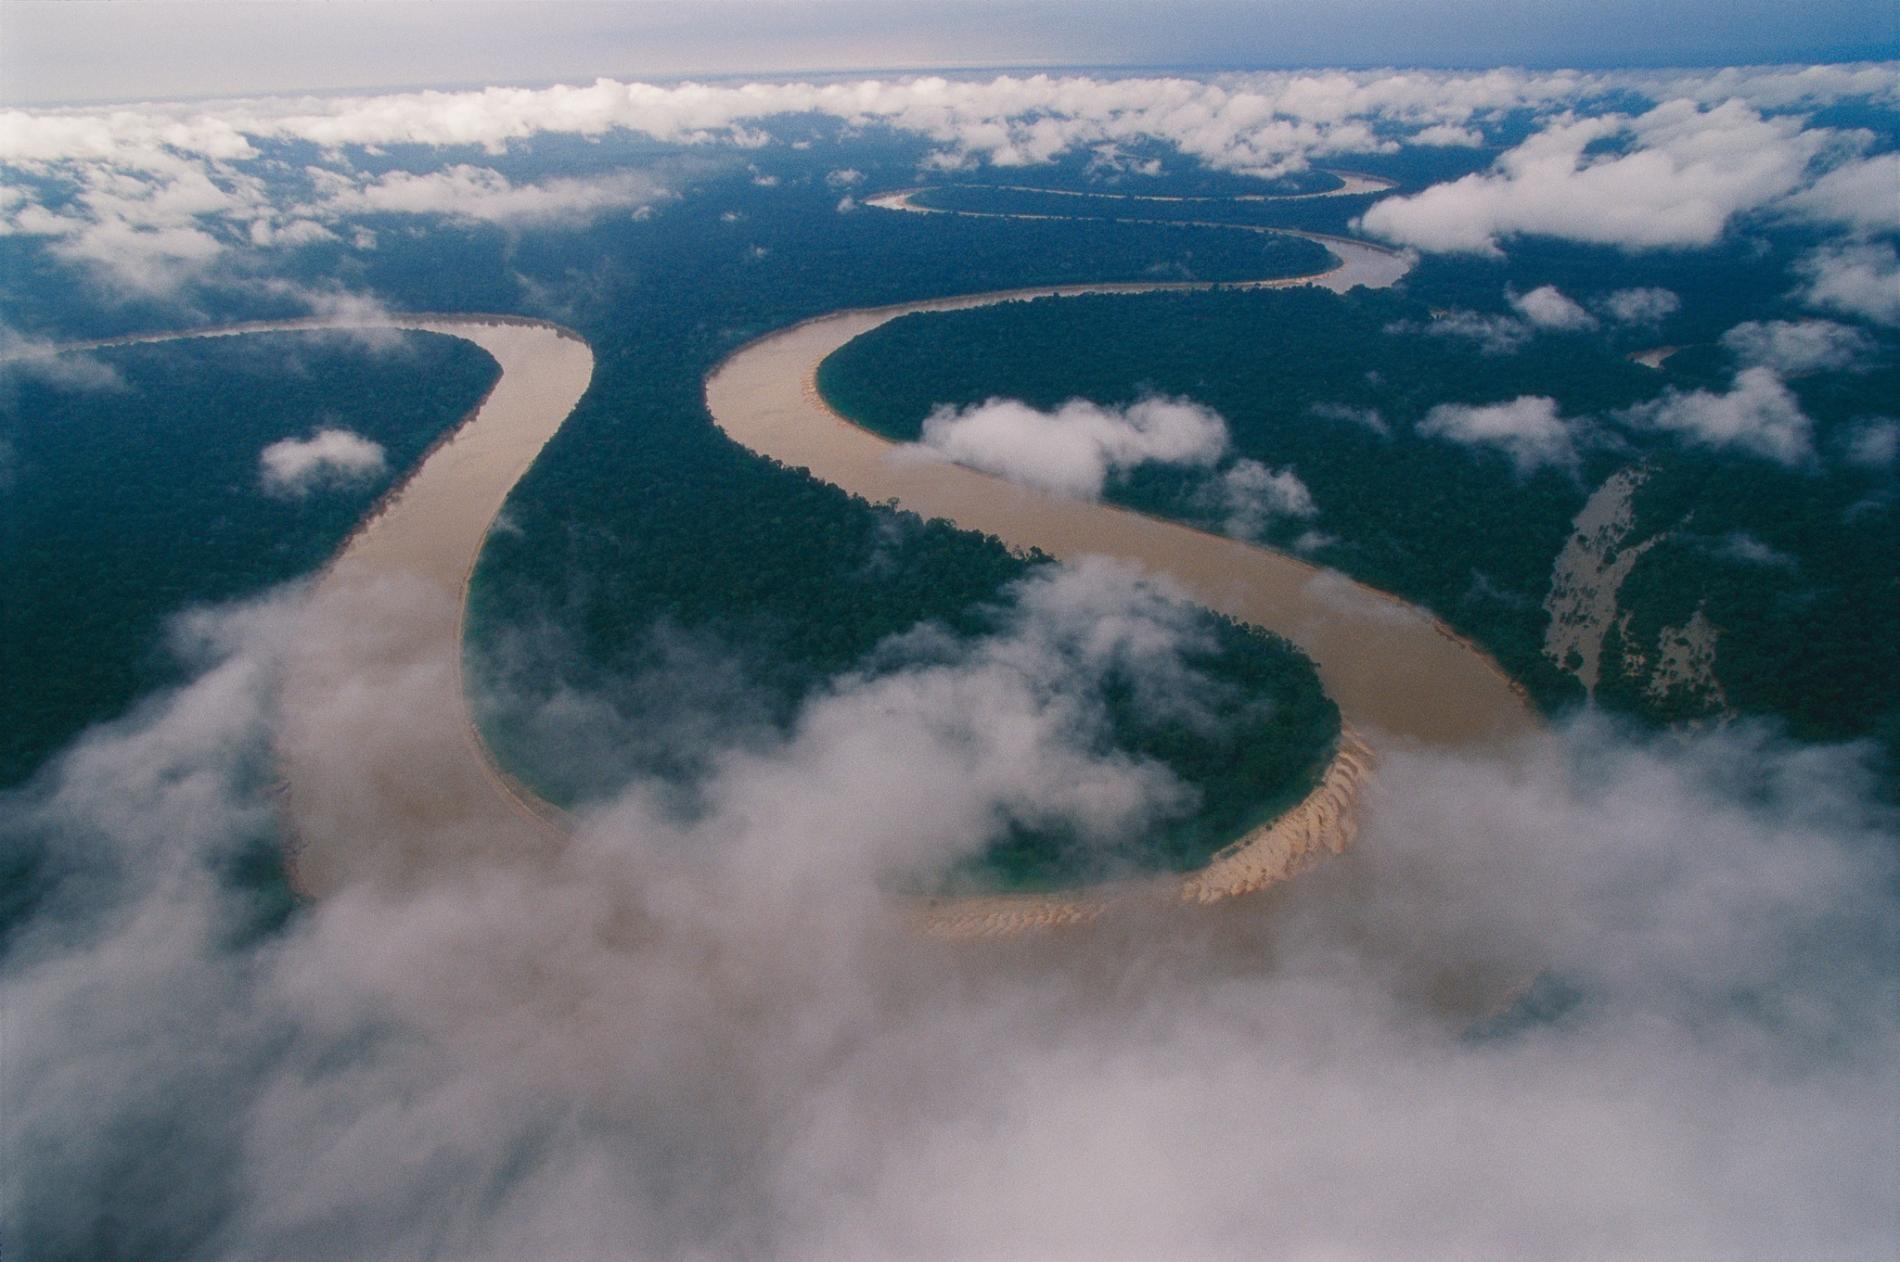 伊塔瓜伊河(Itaquaí River)蜿蜒穿過巴西最西邊的亞馬遜地區,深入查瓦利溪谷原住民保留區(Javari Valley Indigenous Territory);在這個廣大的保留區內,有著全球最遺世獨立的未接觸部落。醫療專家和人權倡議團體擔心,假如新型冠狀病毒傳播到這些原住民部落中,可能會發生滅族慘劇。他們呼籲巴西政府採取緊急應變行動保護這些脆弱的部落,不要讓外人進入原住民領域。PHOTOGRAPH BY NICOLAS REYNARD, NAT GEO IMAGE COLLECTION